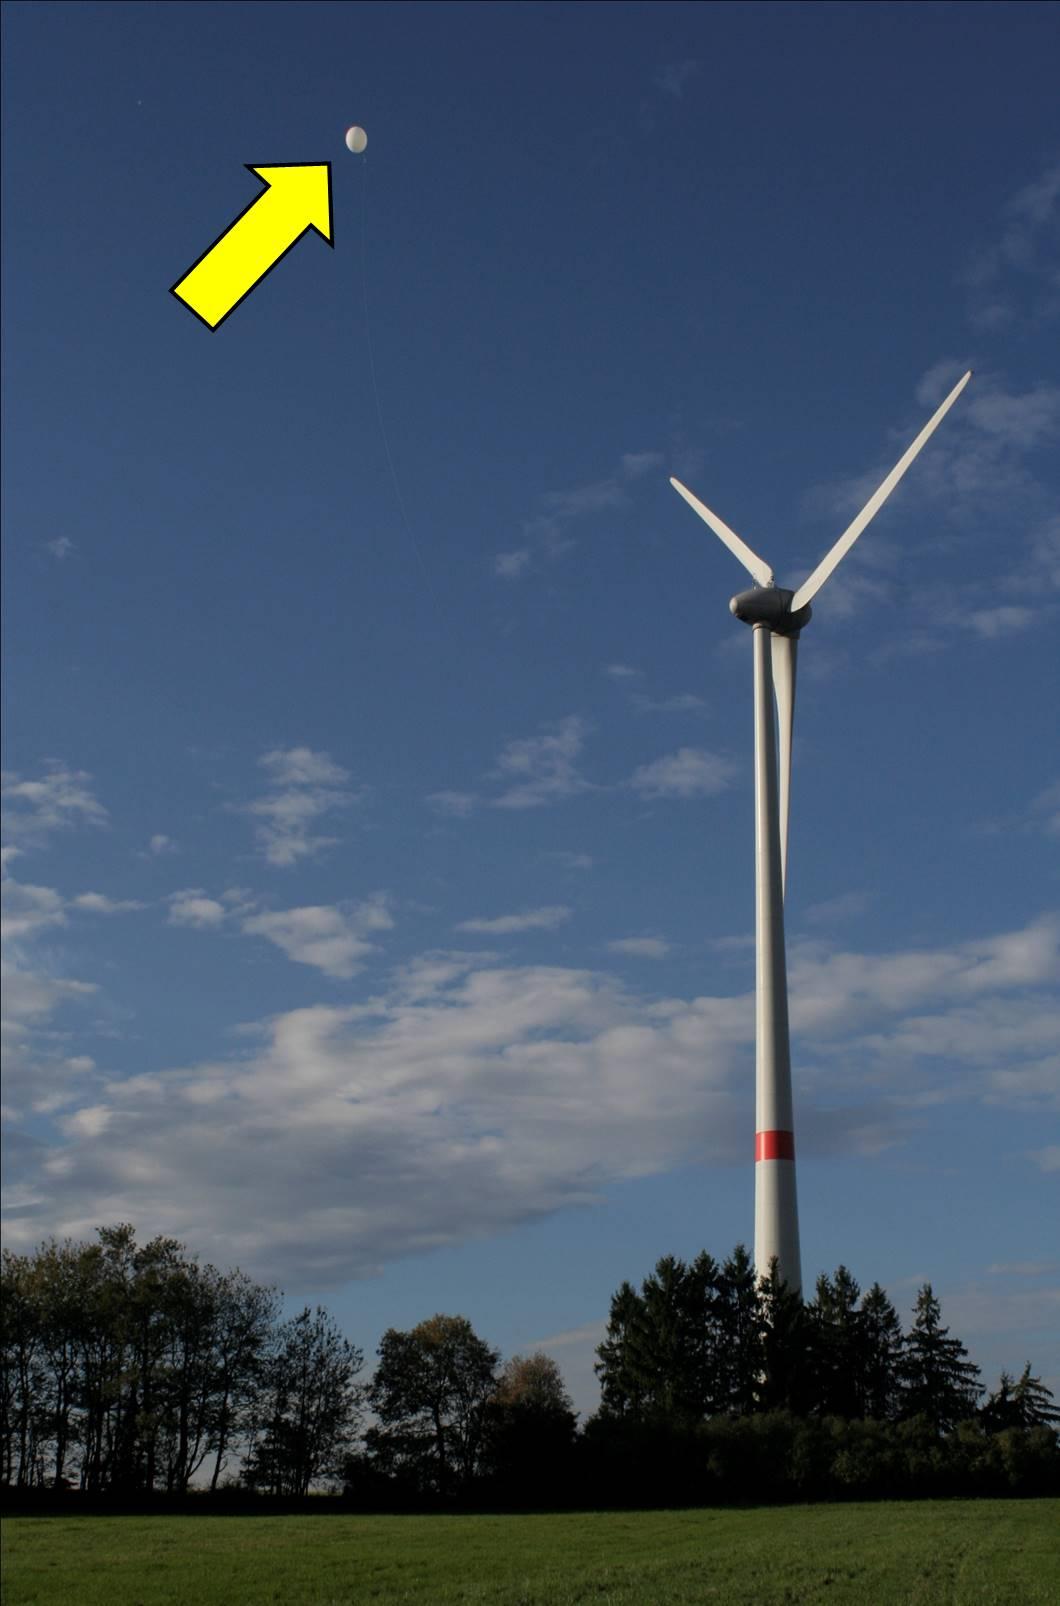 Ballon-Untersuchung in einem Windpark